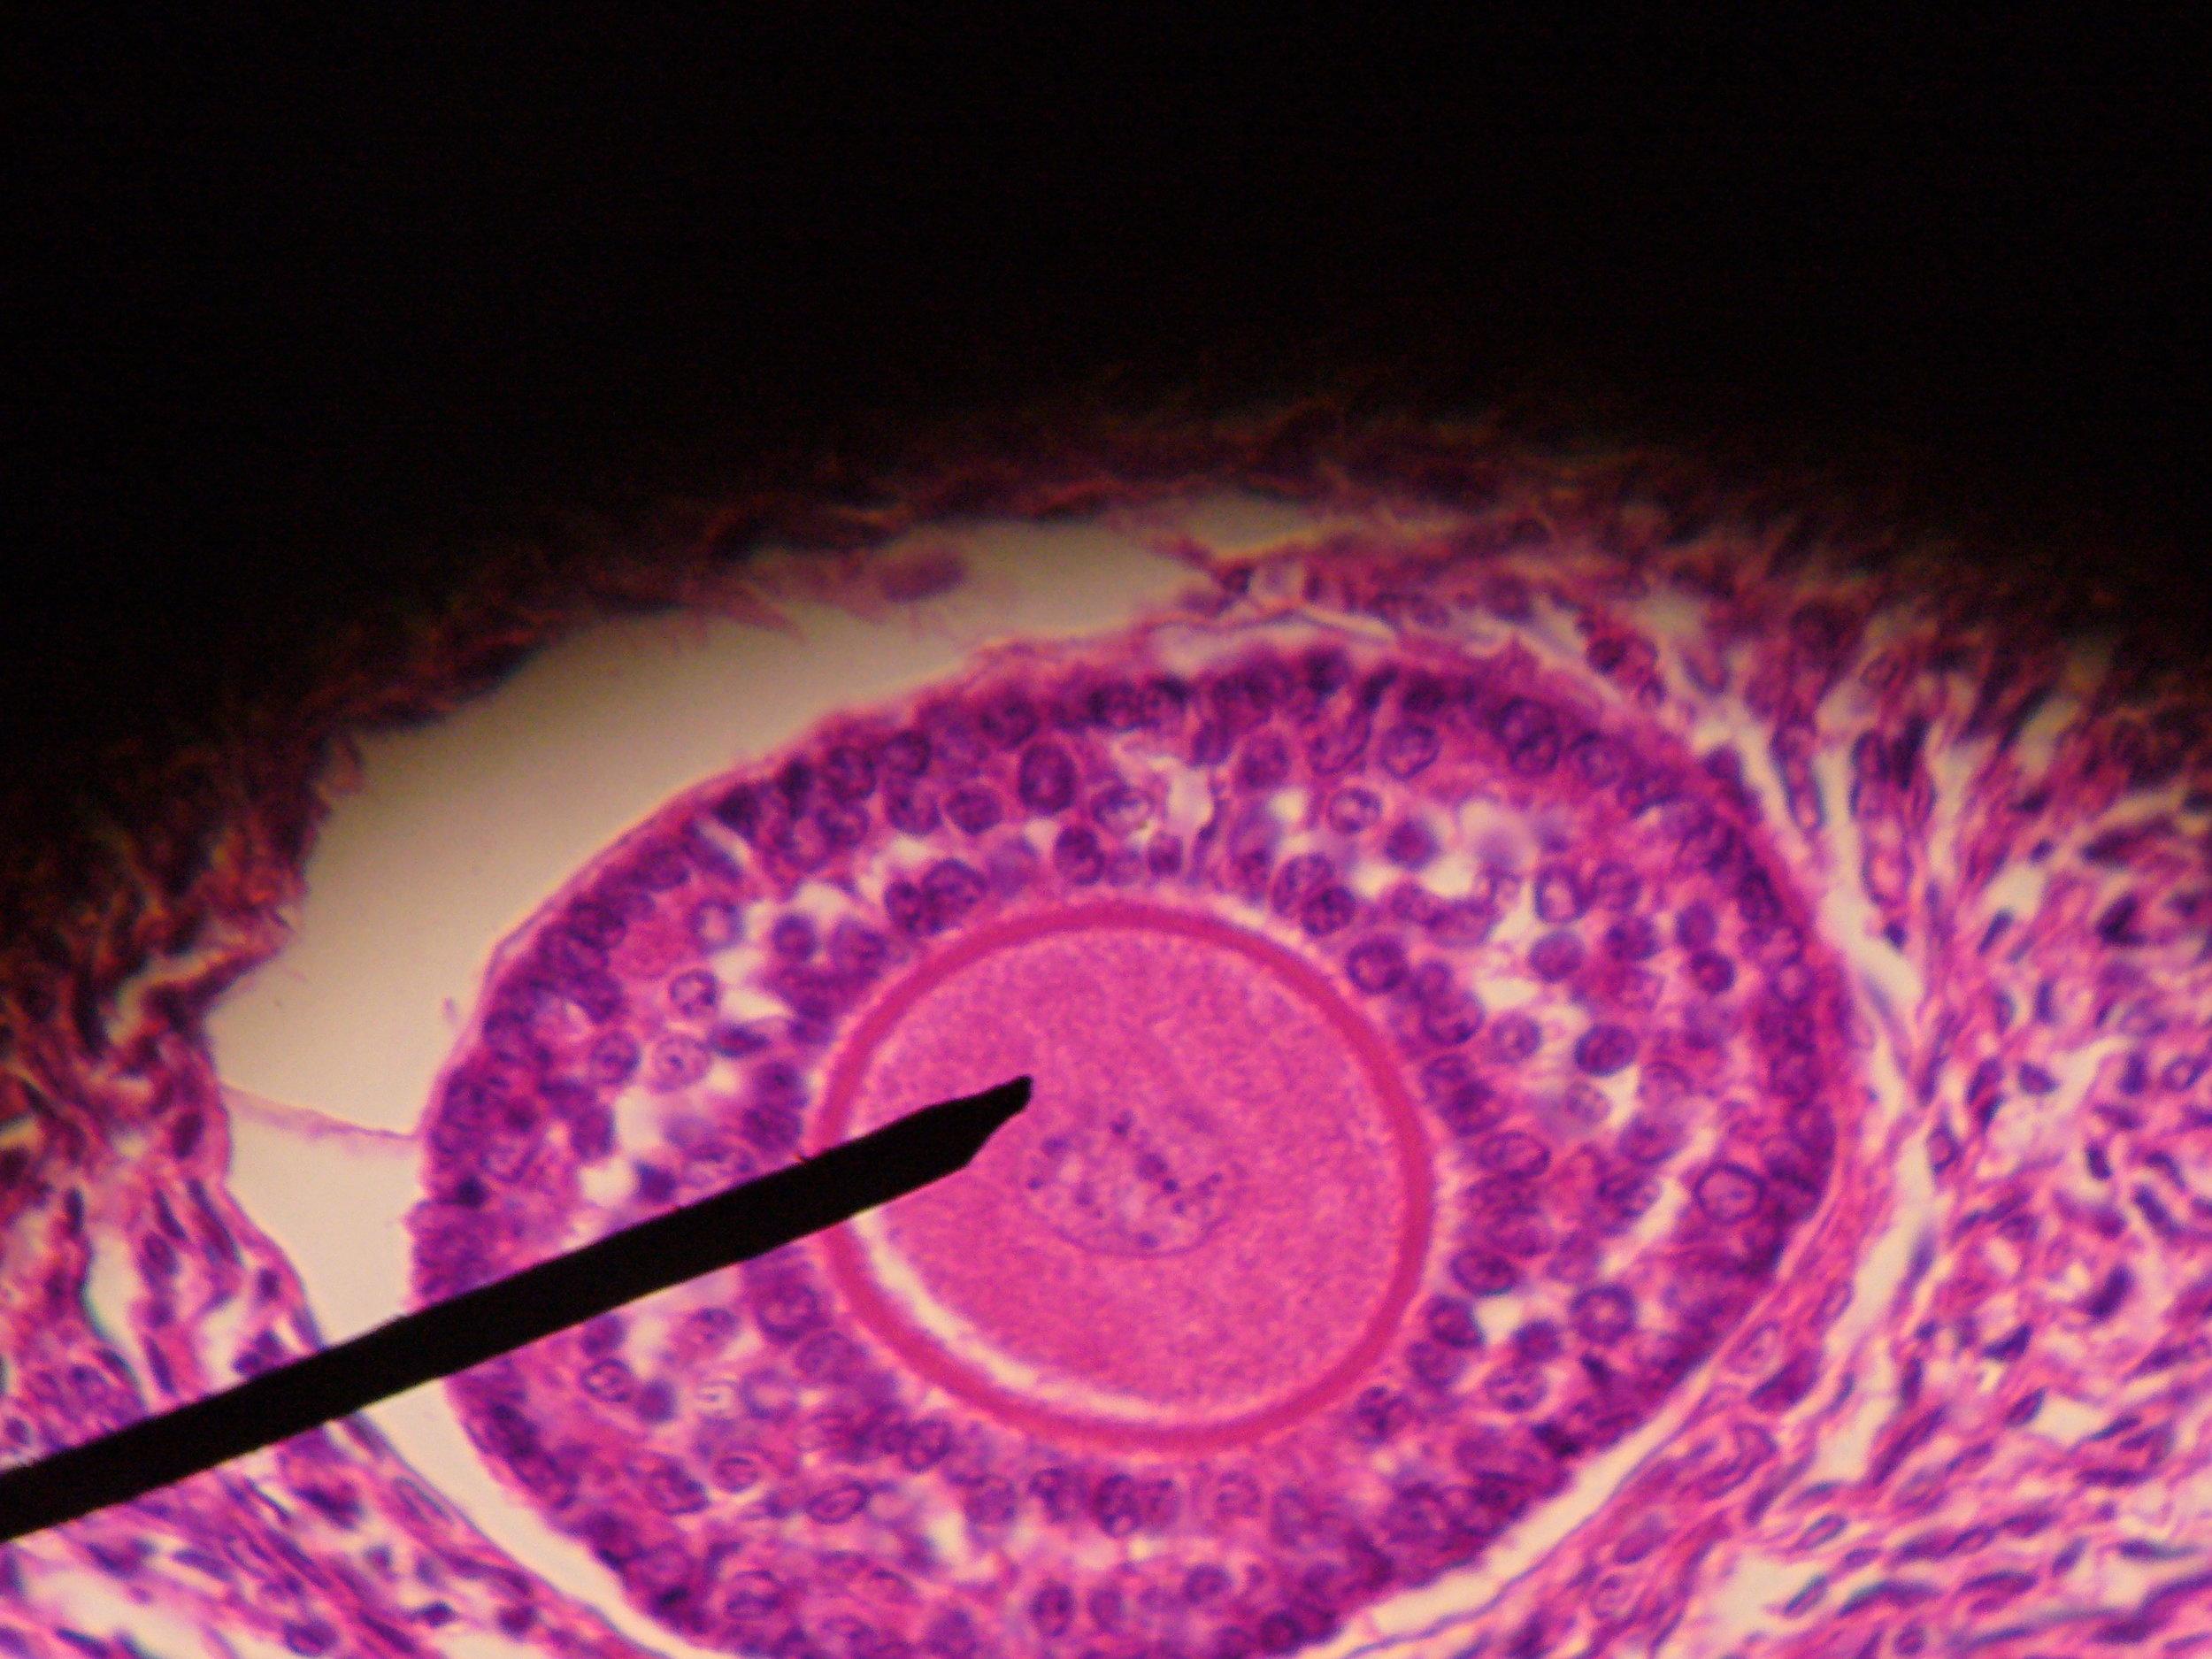 Human_ovarian_follicle.jpg